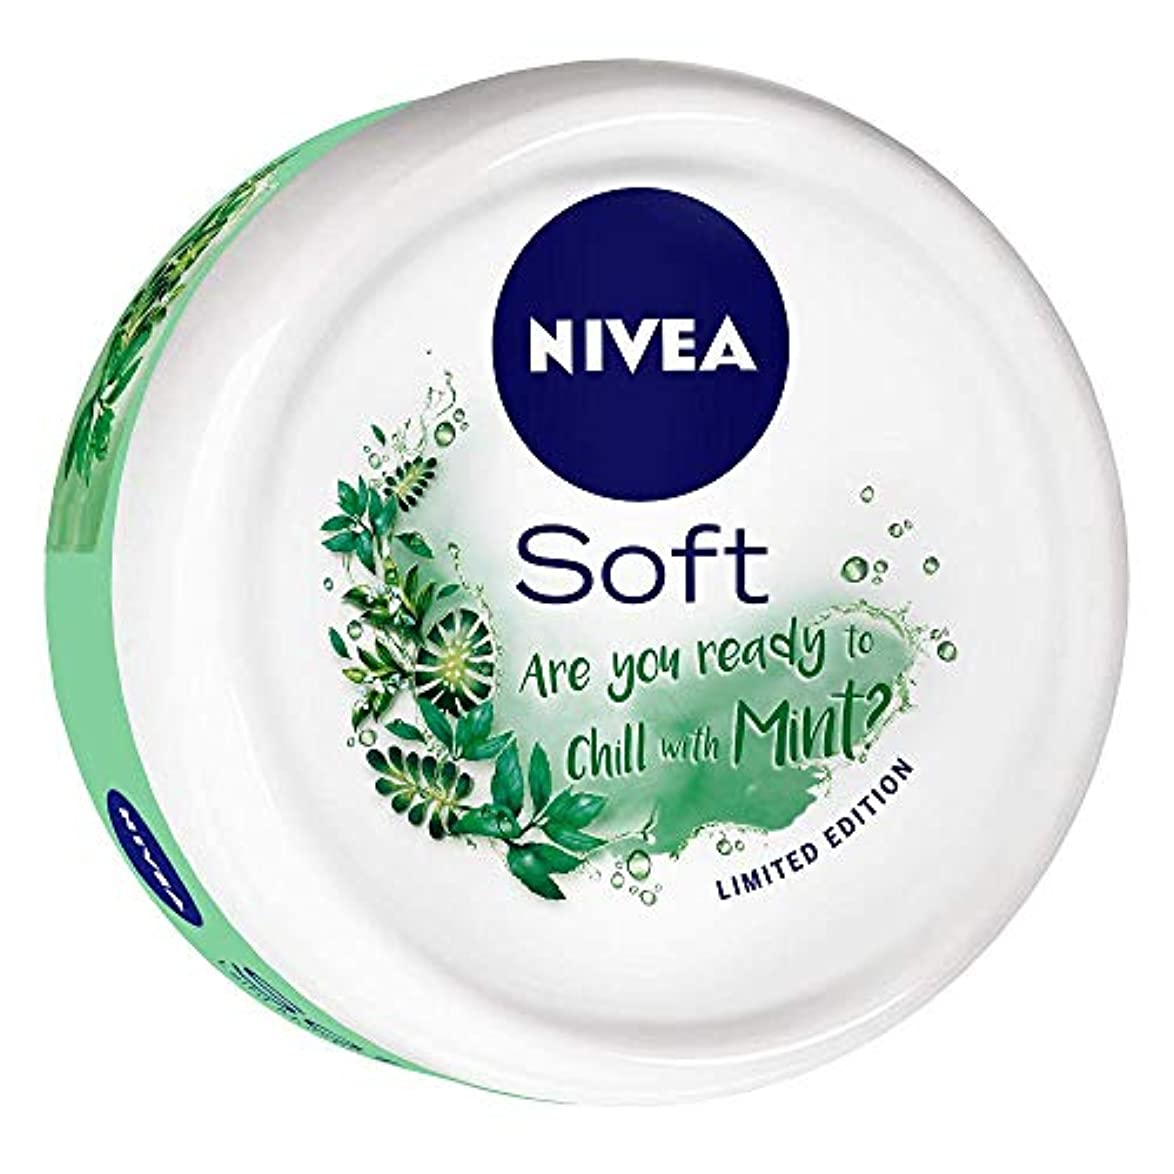 流出翻訳する落ち着いたNIVEA Soft Light Moisturizer Chilled Mint With Vitamin E & Jojoba Oil, 200 ml